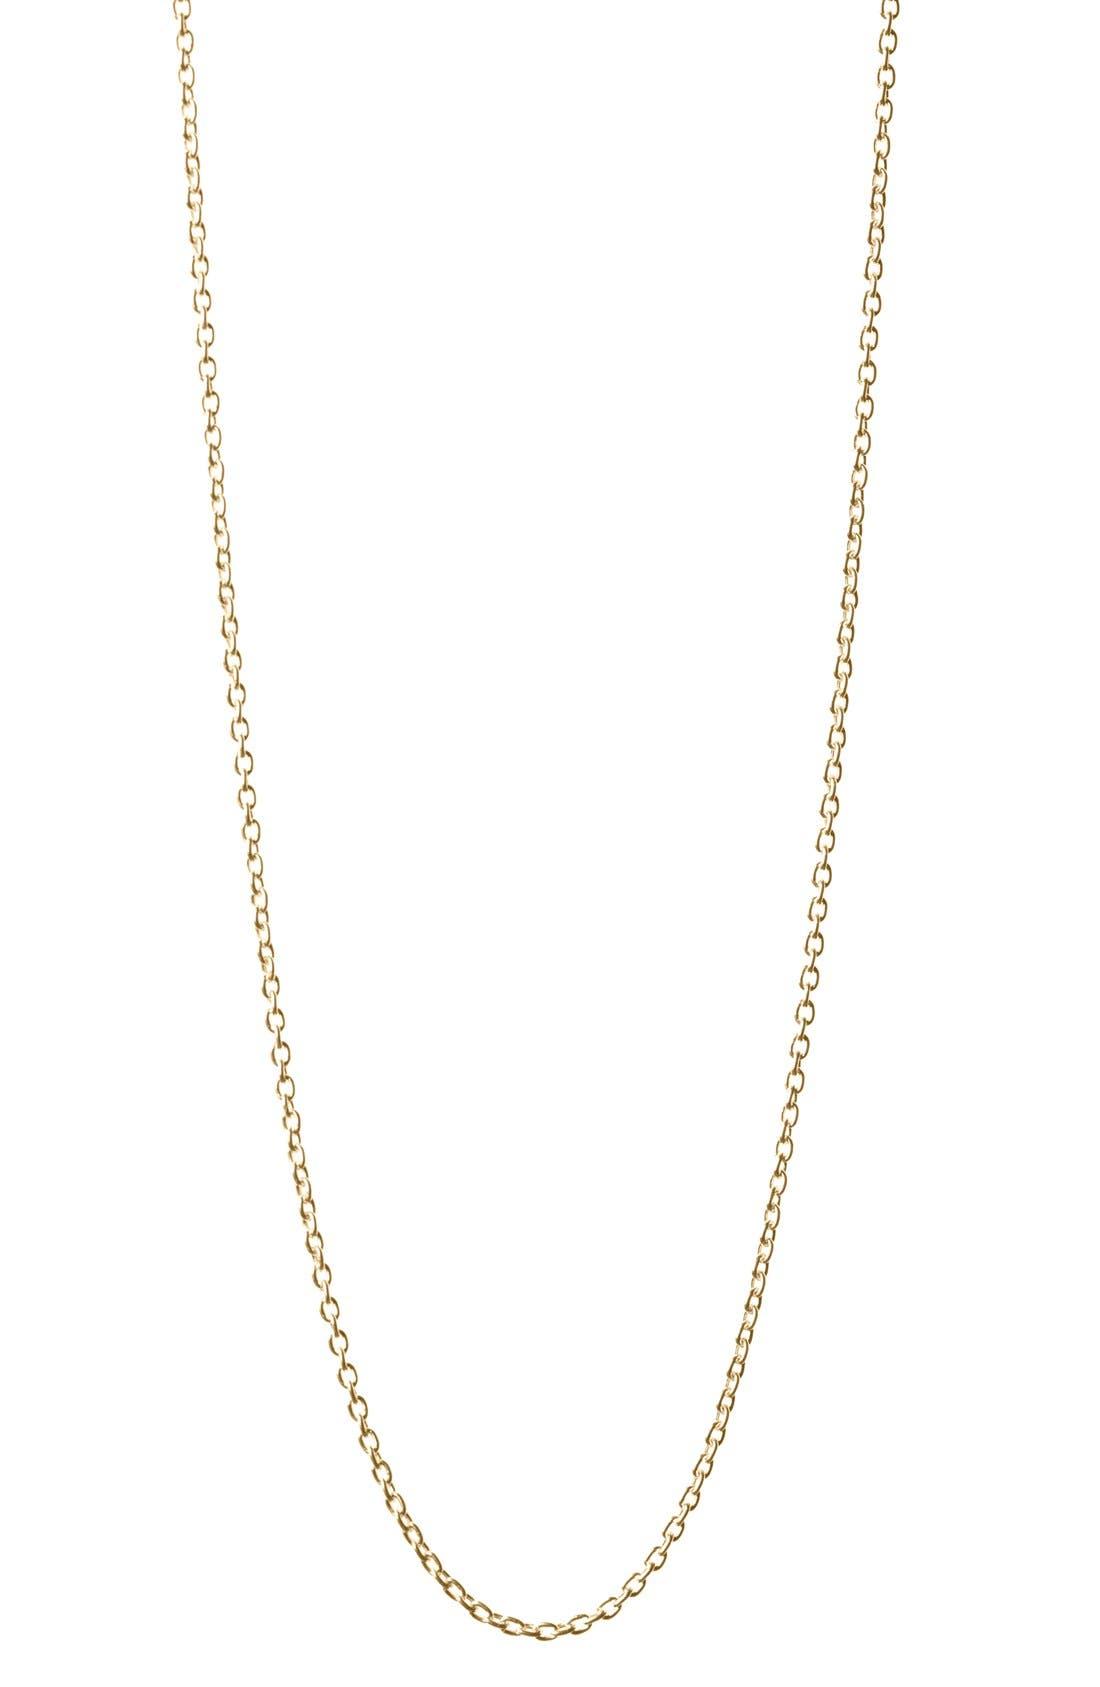 Main Image - Baroni Long Link Necklace